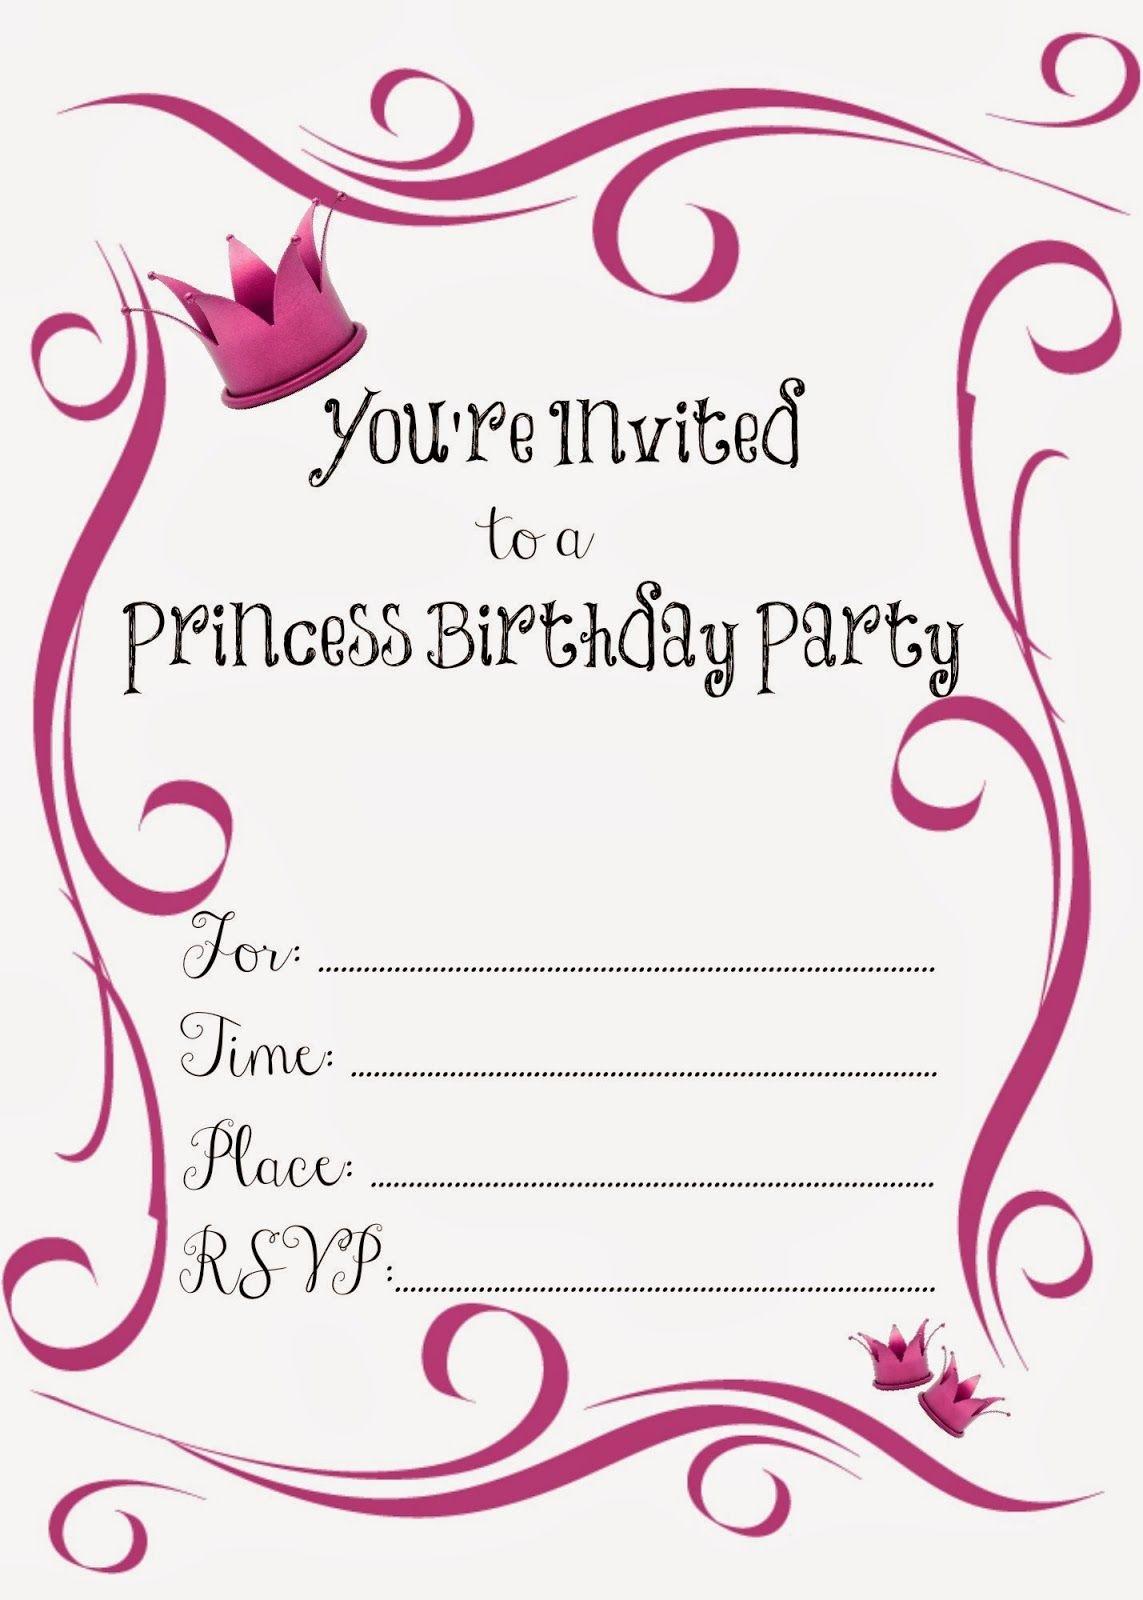 Free Printable Princess Birthday Party Invitations | Printables - Free Printable Princess Invitations